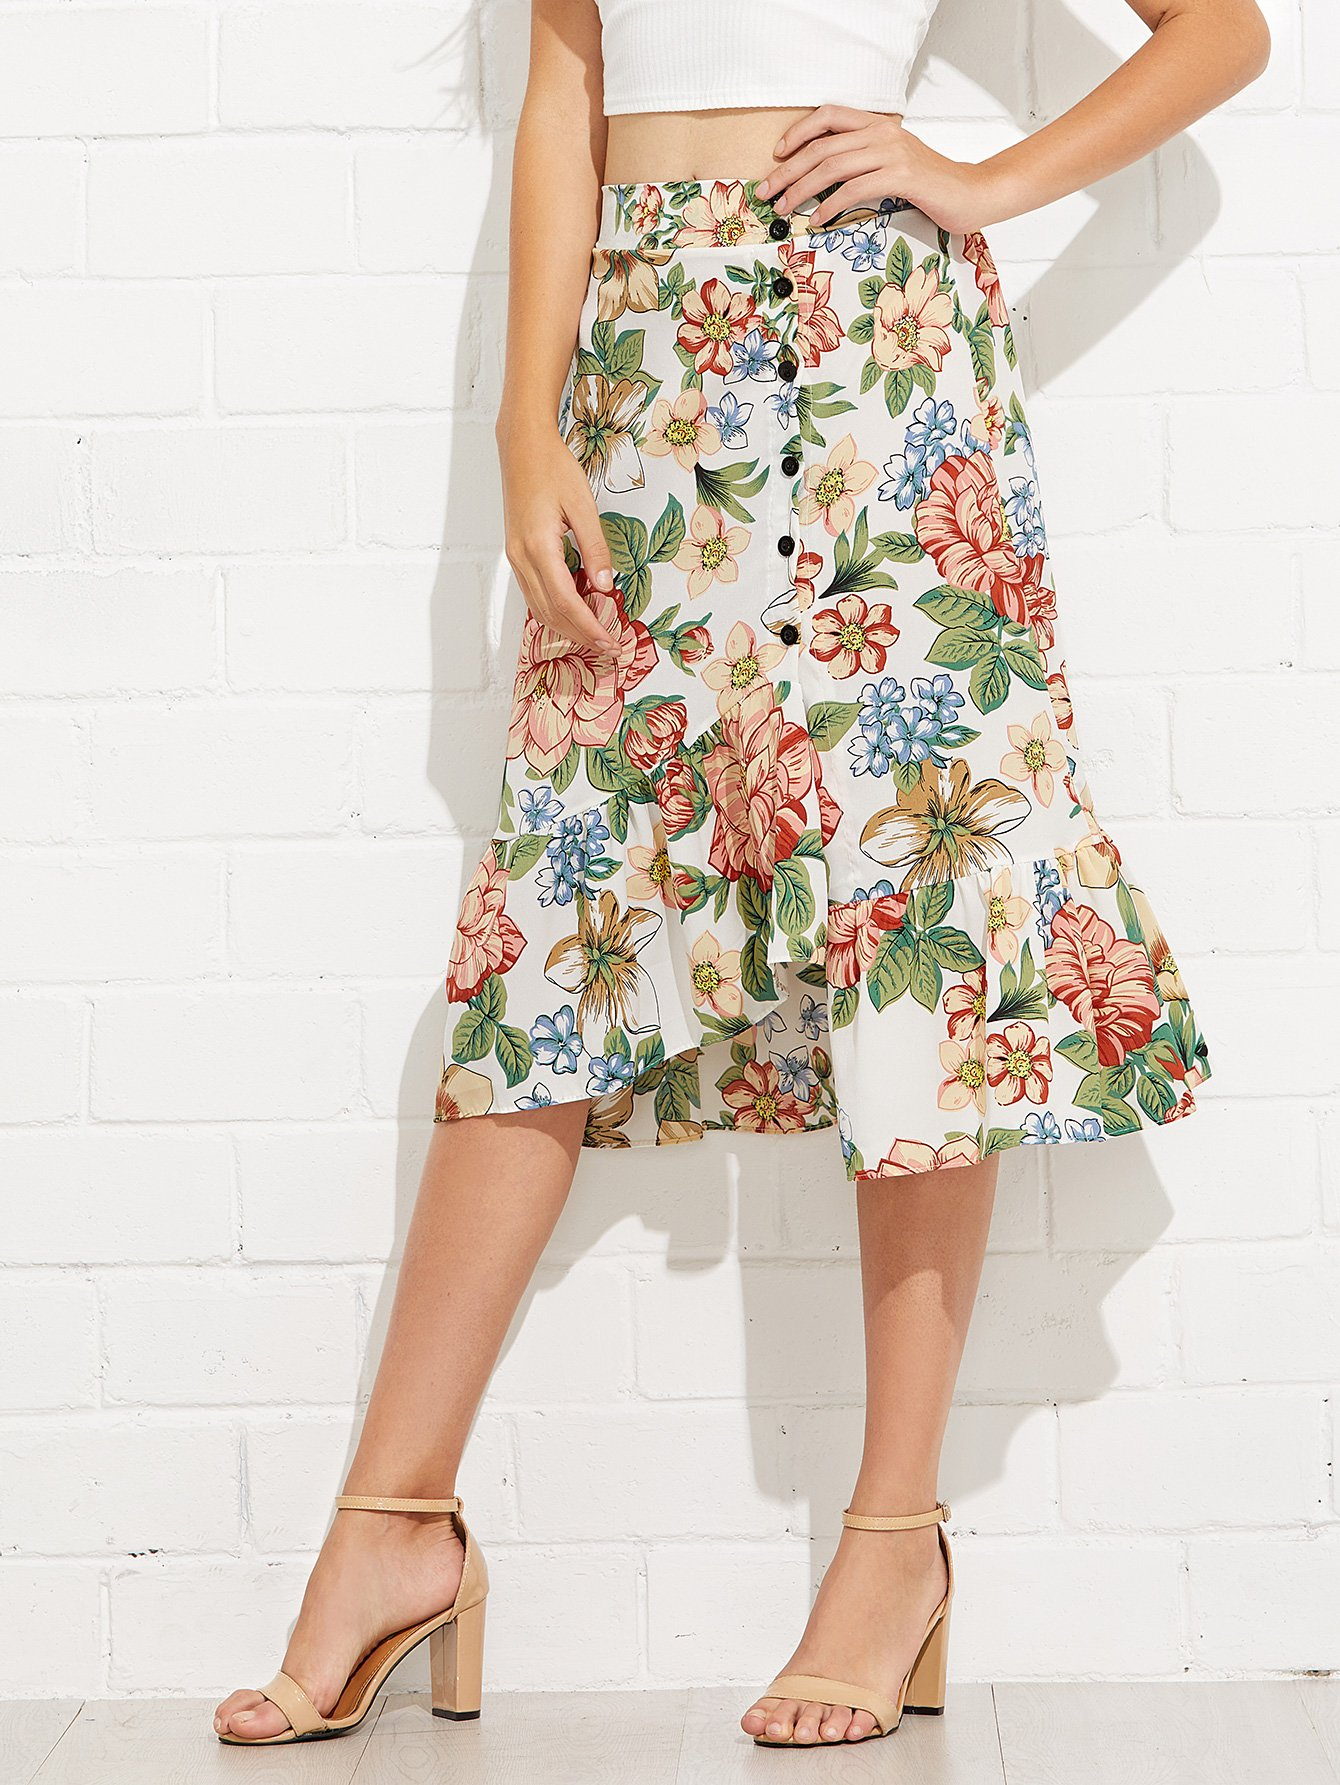 Floral Print Button Detail Ruffle Hem Skirt gold button detail bodycon skirt